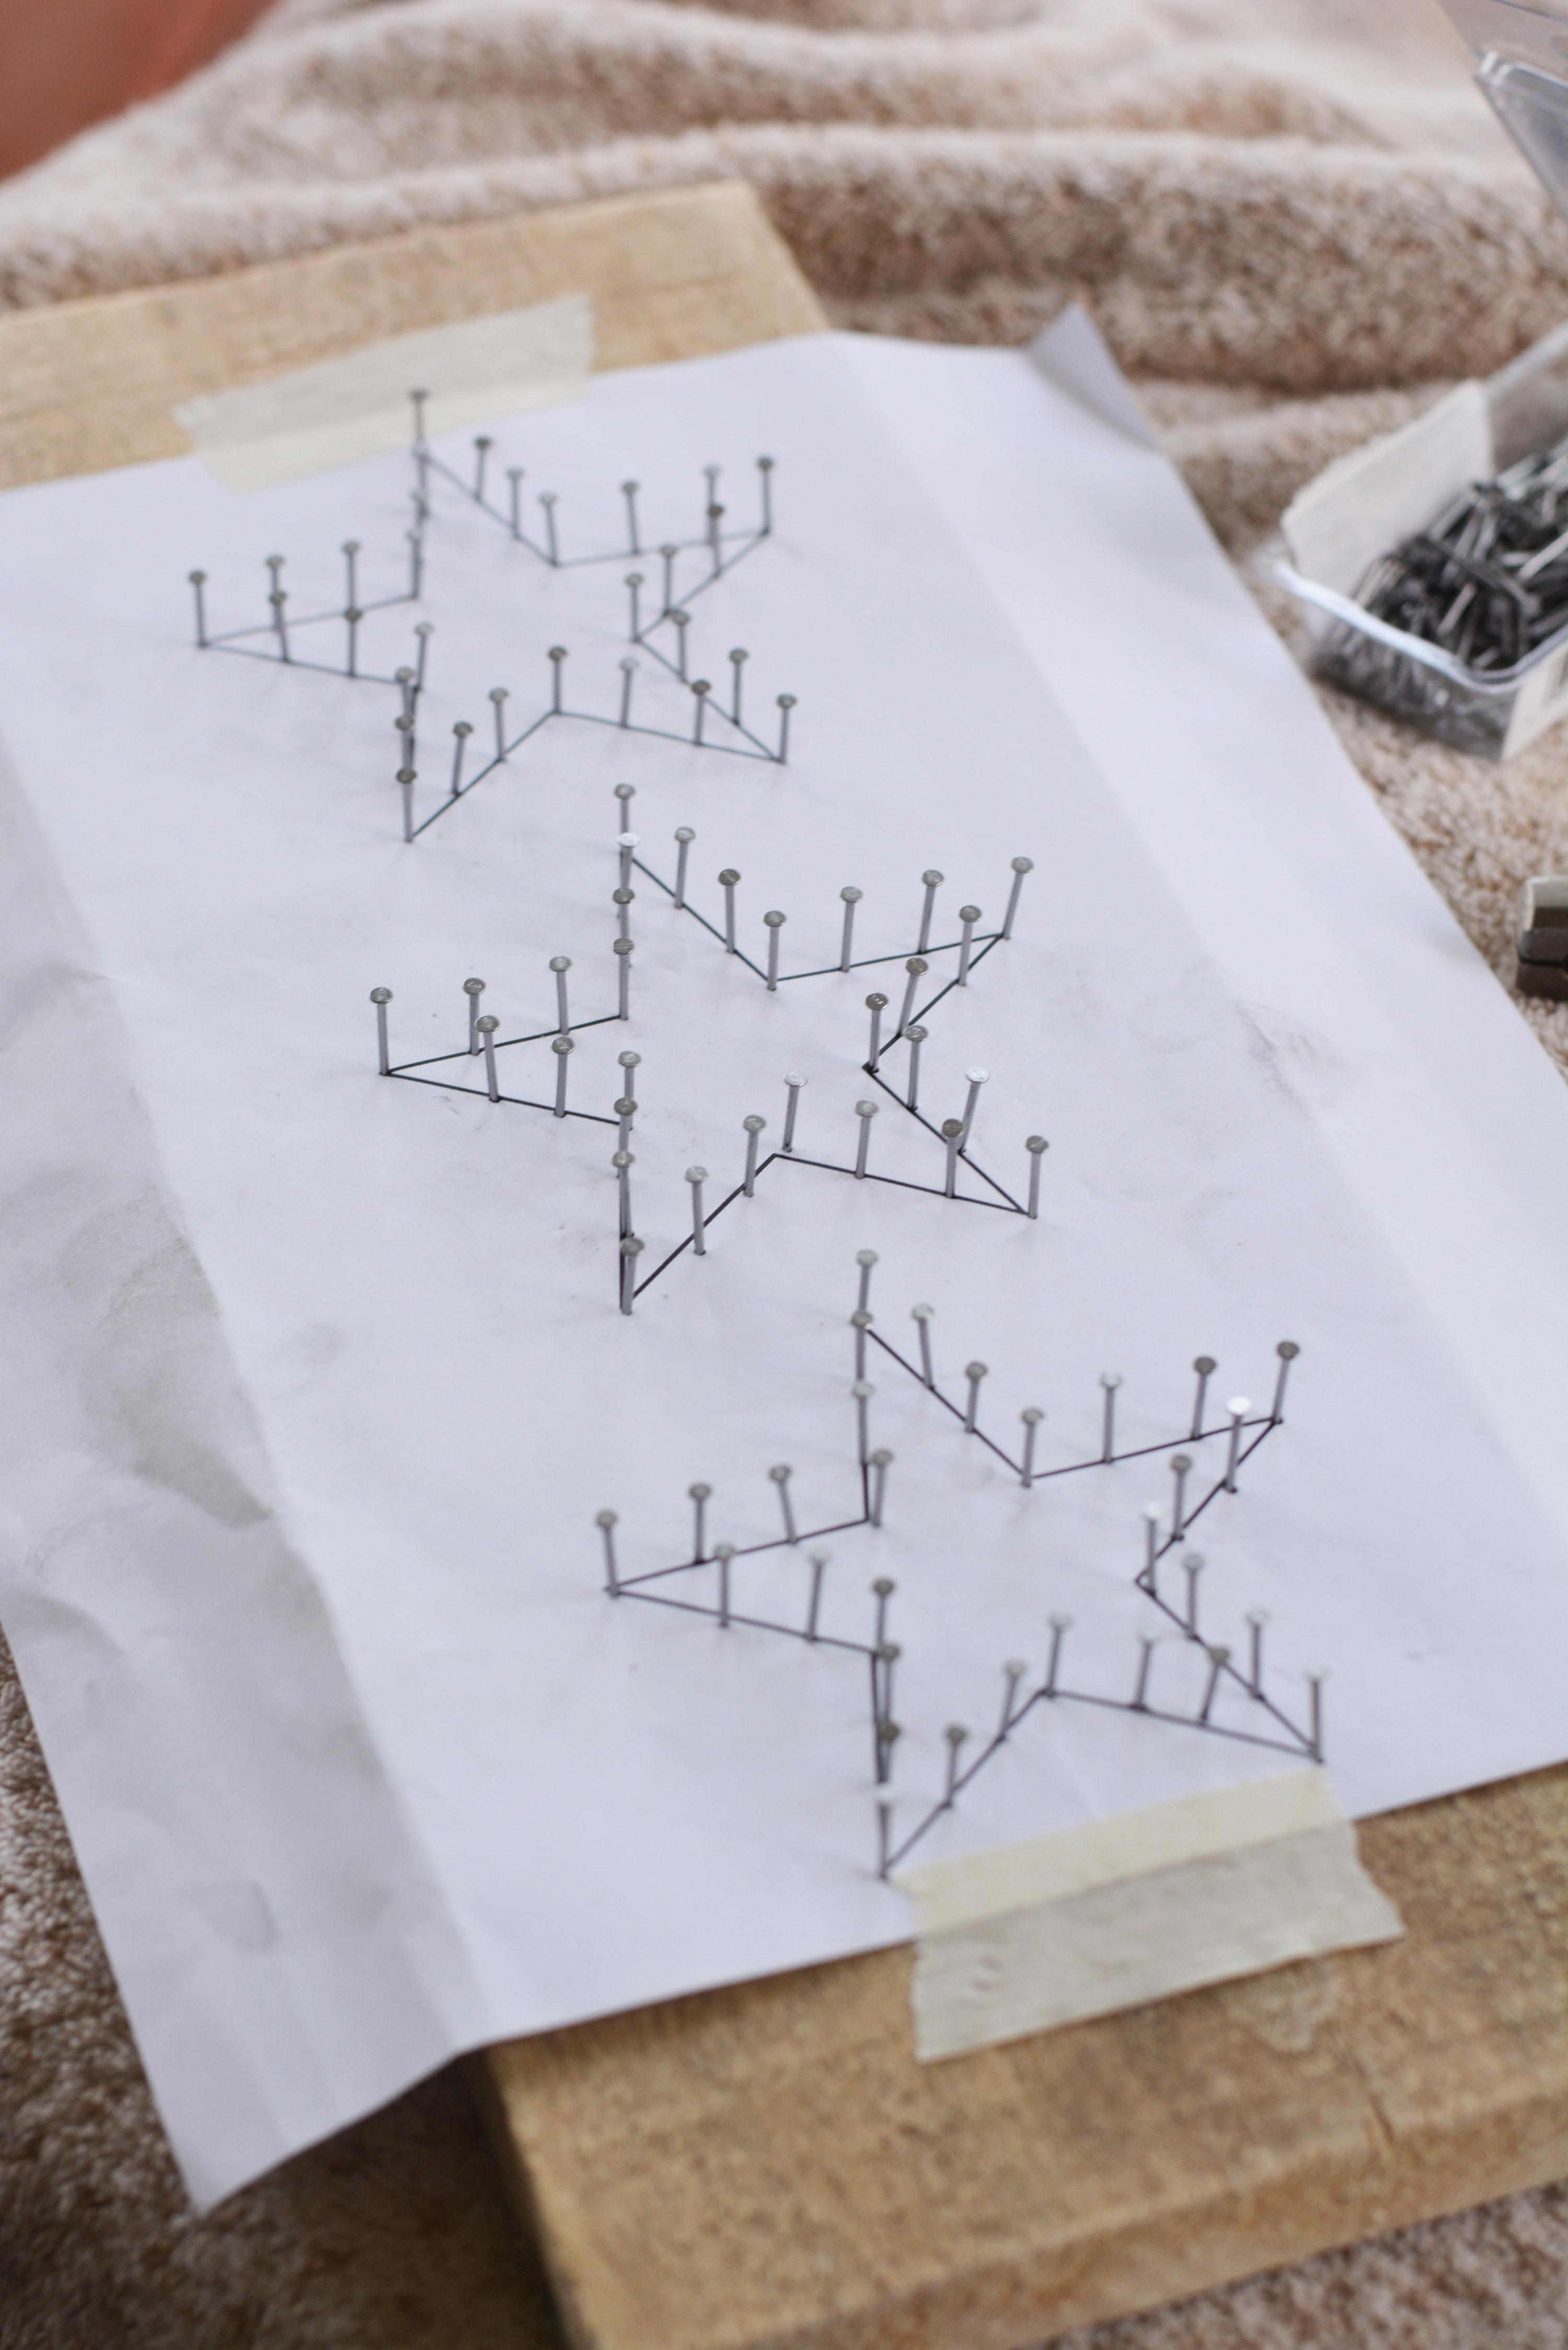 Star string art tutorial 3 star string art tutorial baditri Image collections